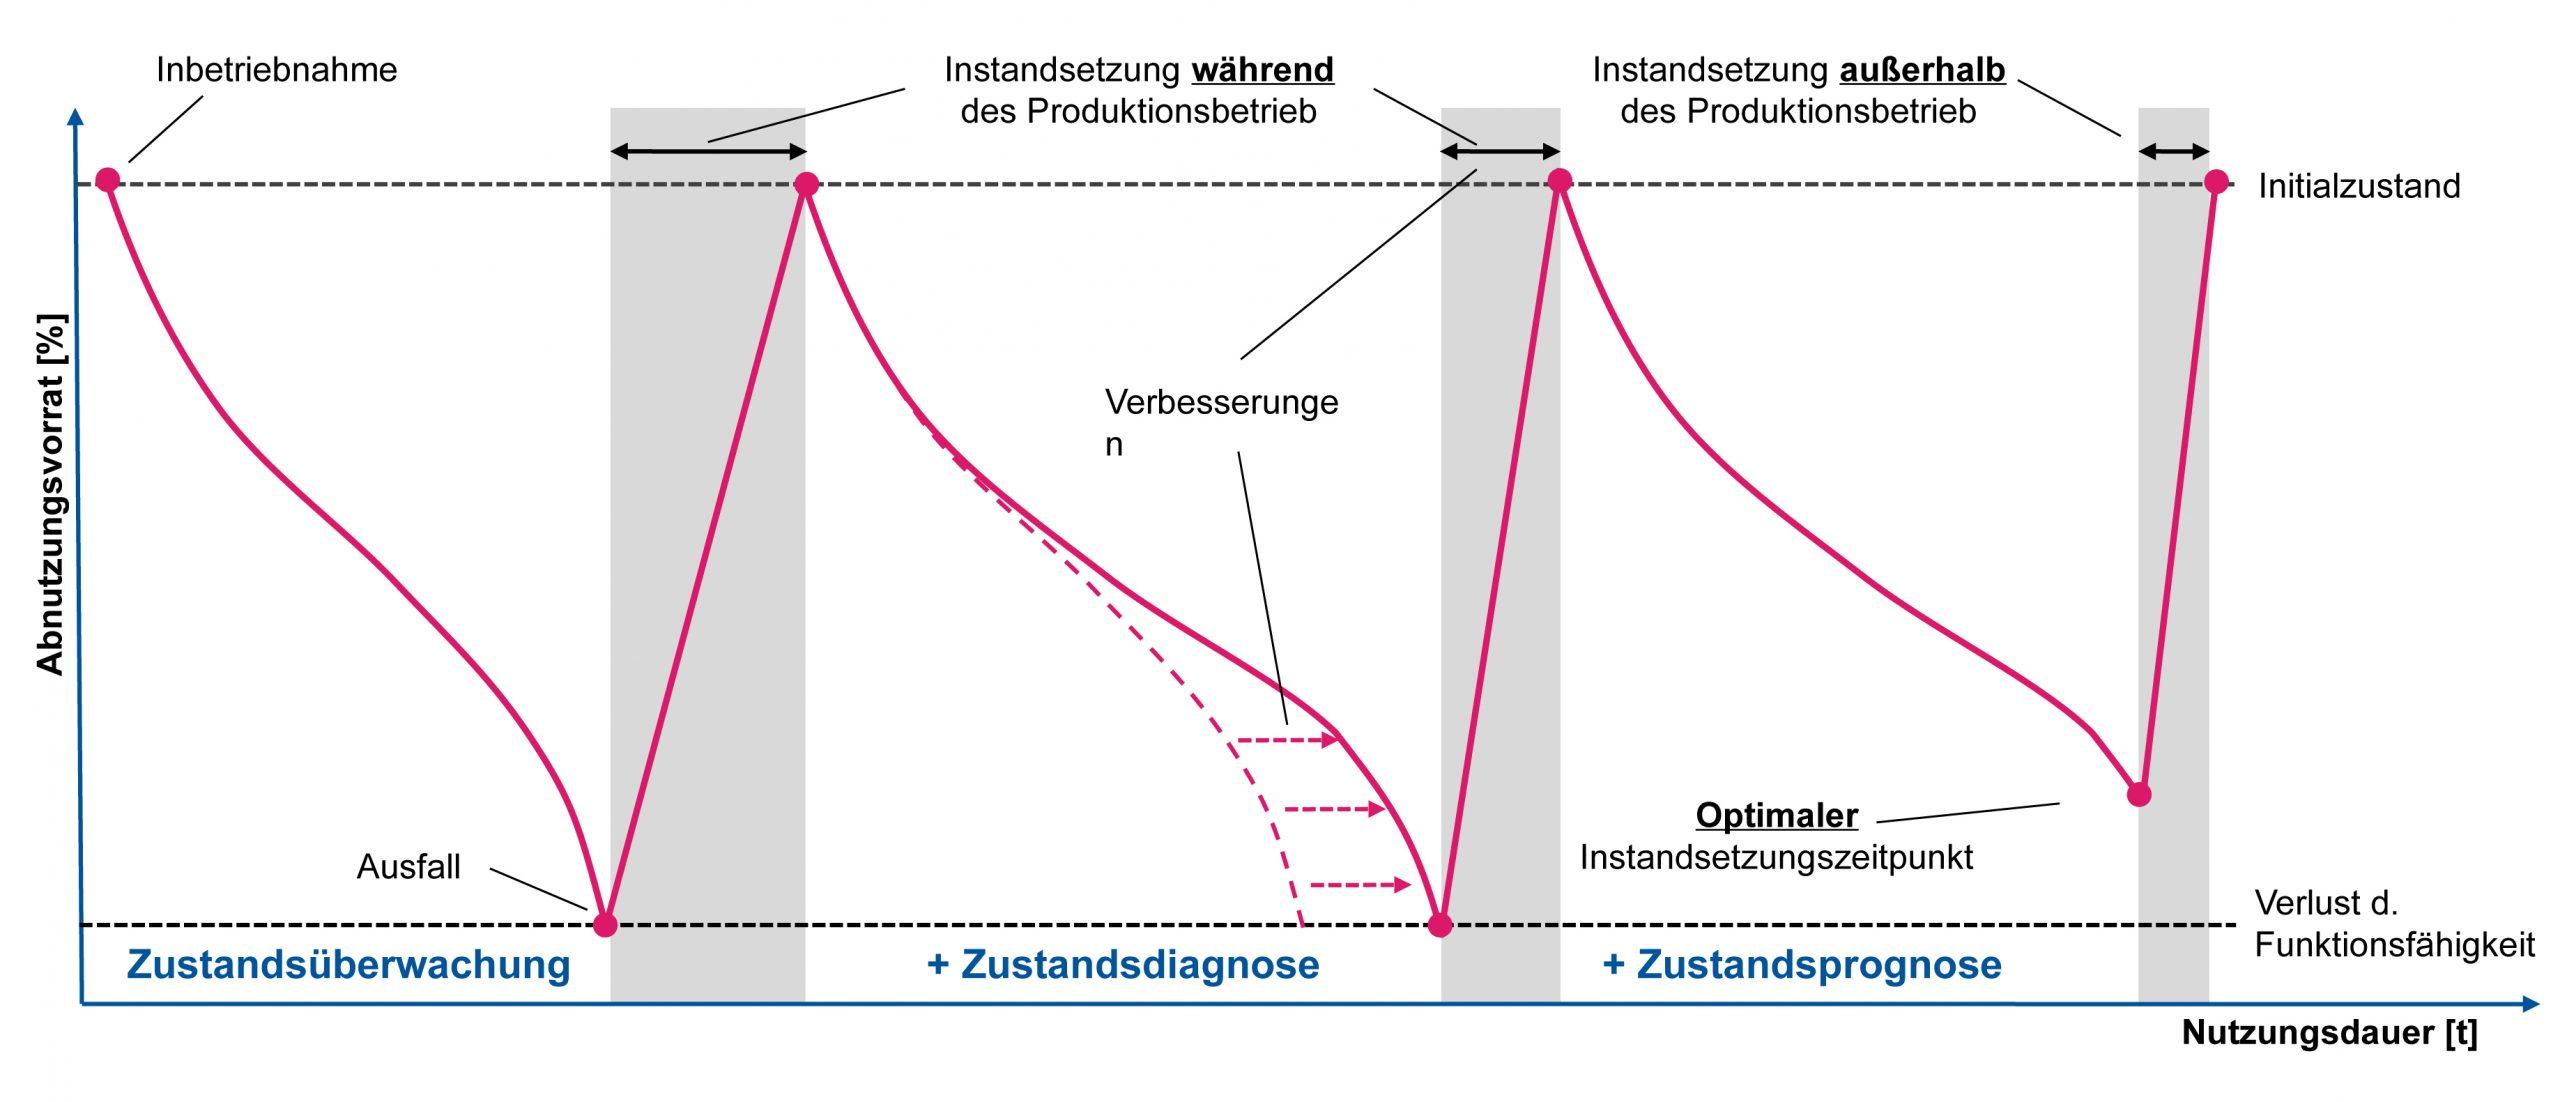 Maximale Ausnutzung des Abnutzungsvorrates bei gleichzeitiger Verringerung der Instandsetzungsdauer durch den Einsatz von Zustandsprognosen (Bild: FIR e. V. an der RWTH Aachen)